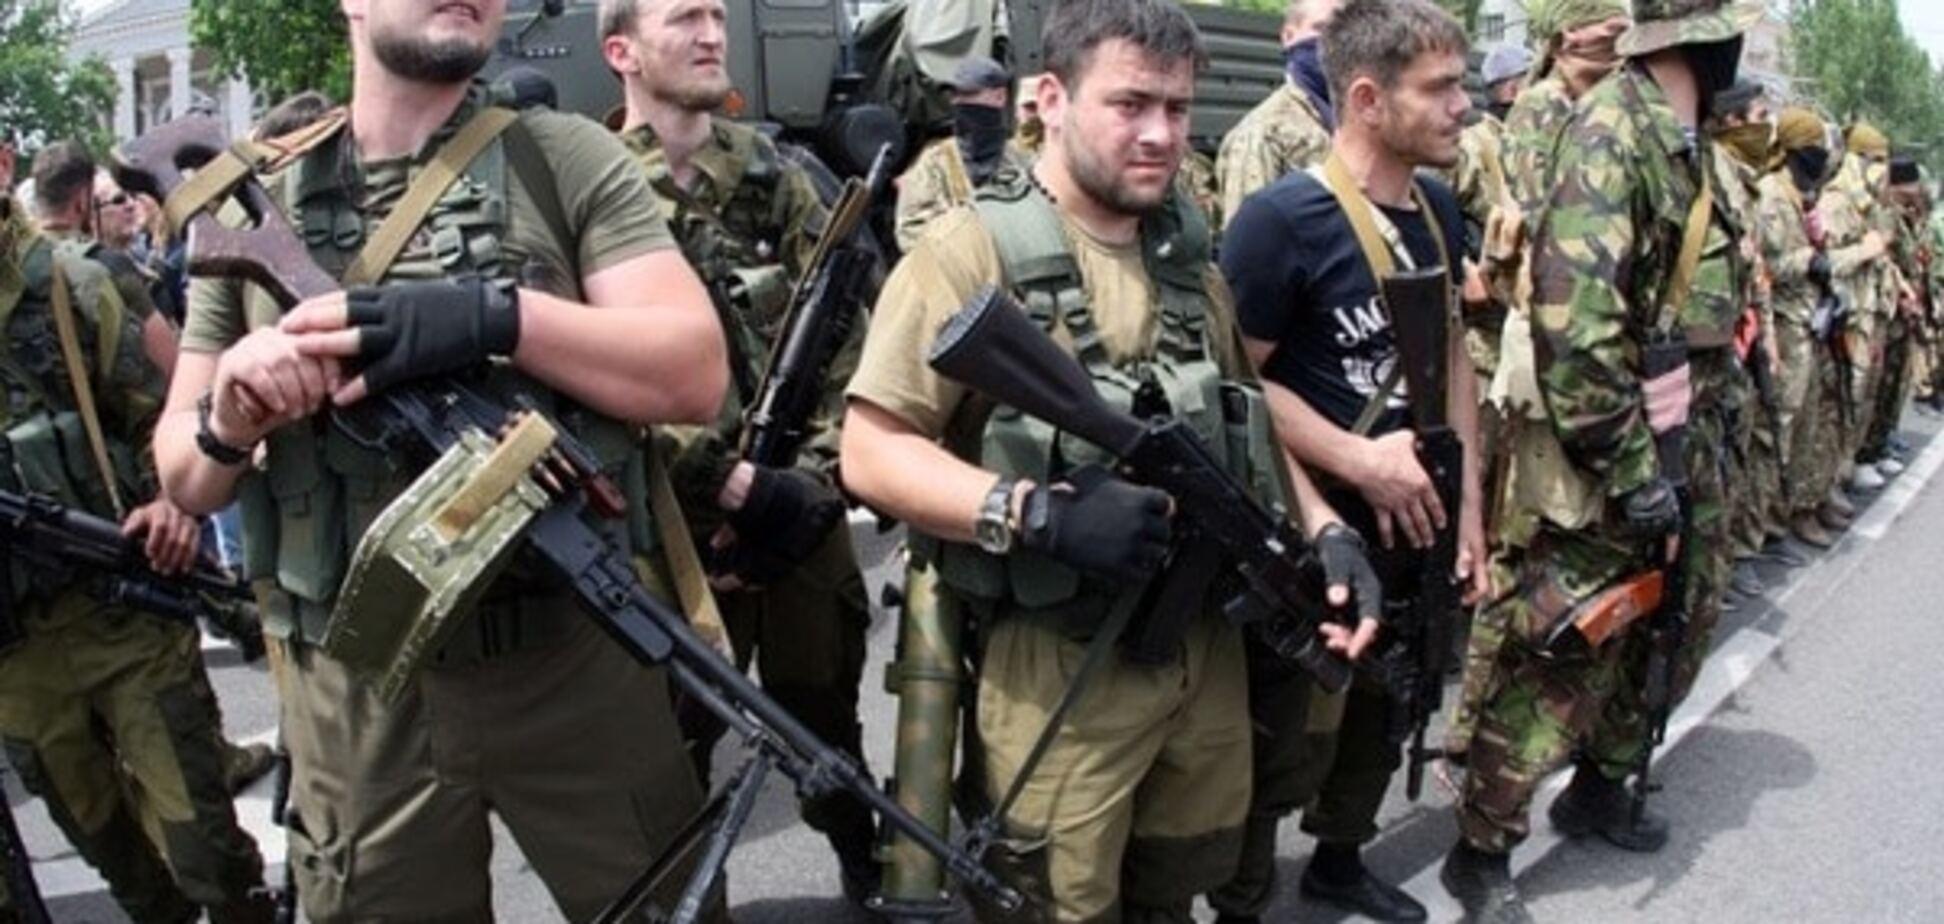 Прибыло 450 военных: Россия отправила воевать на Донбасс батальон кавказцев